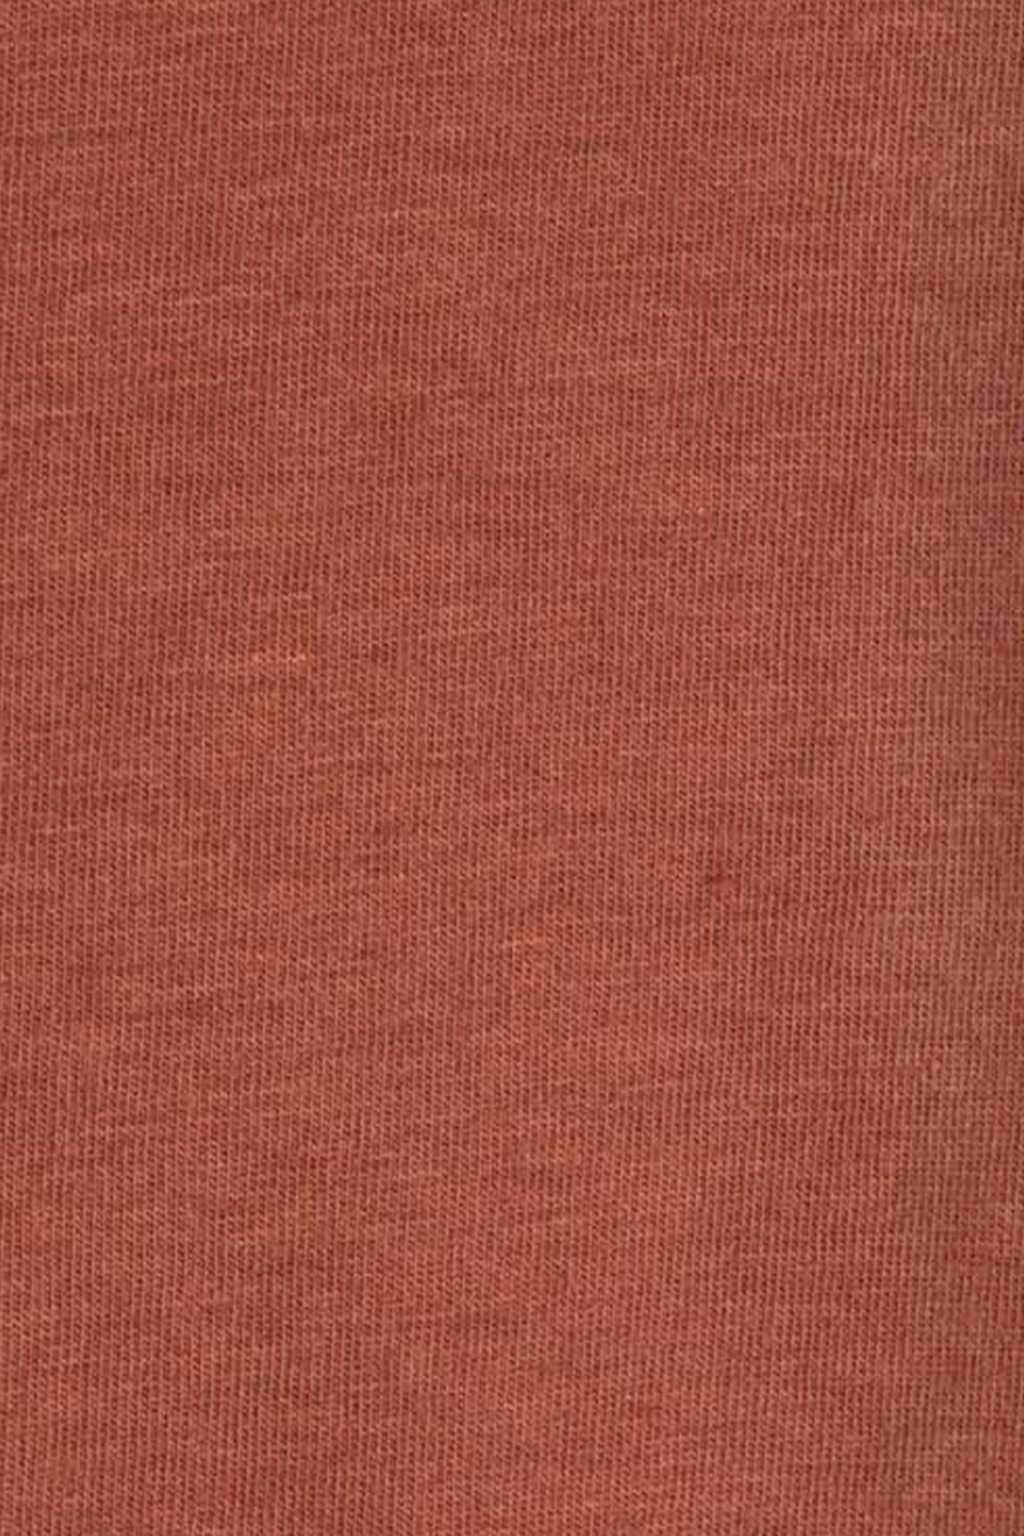 TShirt 1541 Red 20